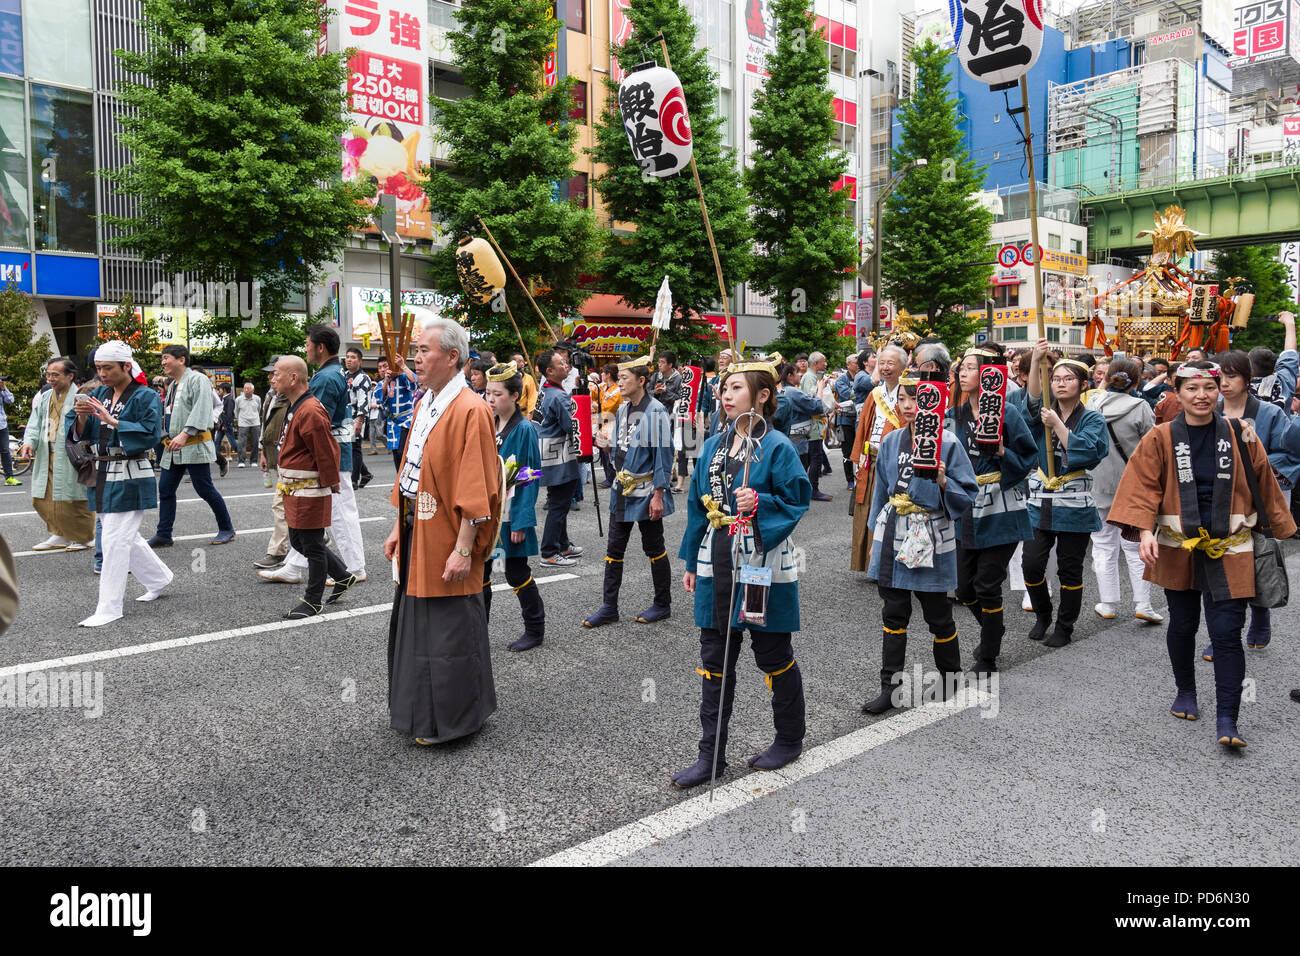 La isla de Japón, Honshu, Kanto, Tokio, festival, el Kanda matsuri. Imagen De Stock